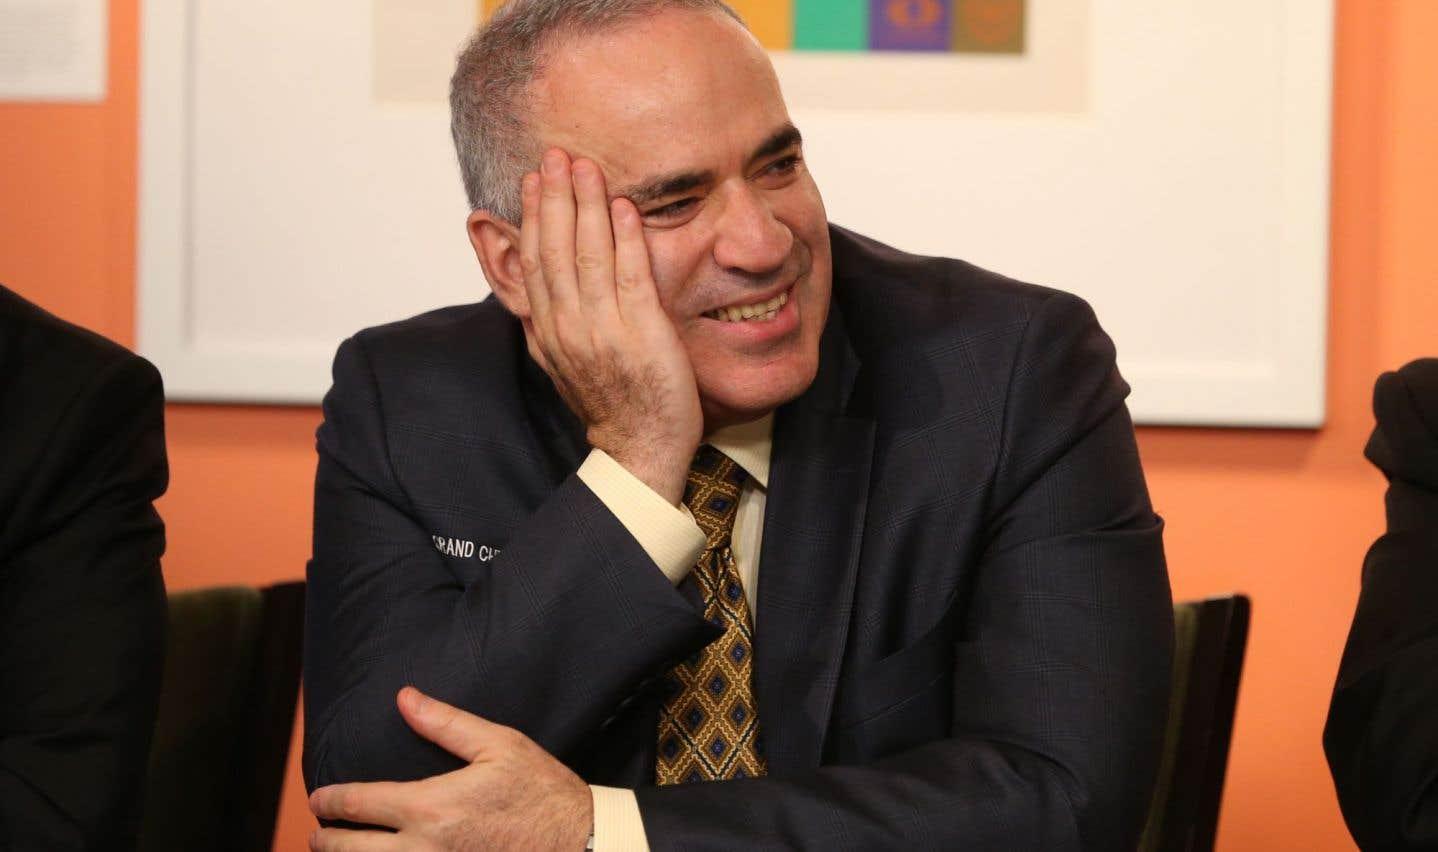 Le temps d'une semaine, Kasparov s'offre une «parenthèse» pour profiter de sa retraite.